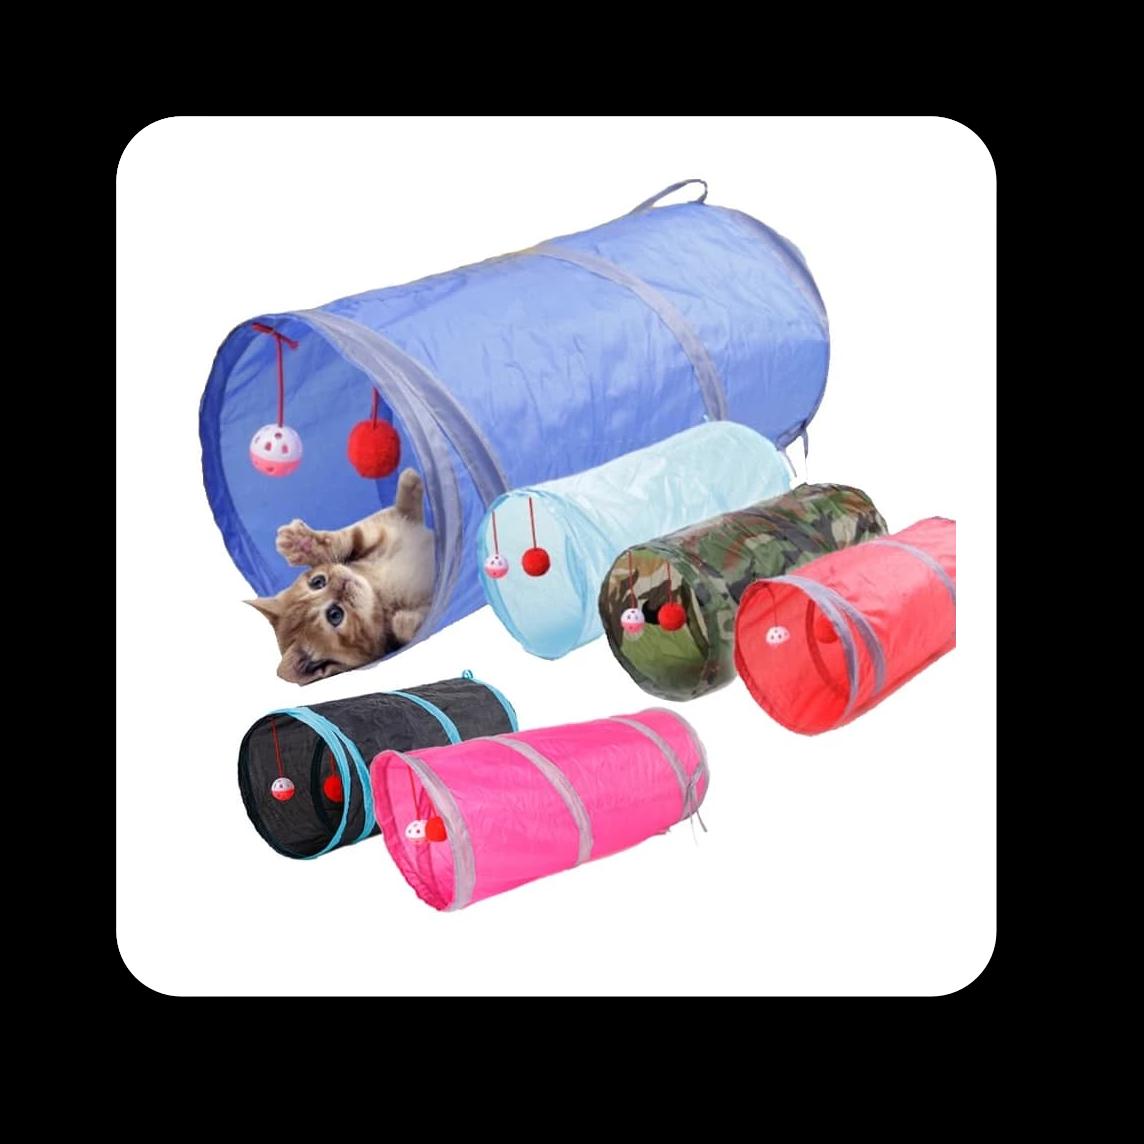 tunnel de jeu pour chats, rongeurs